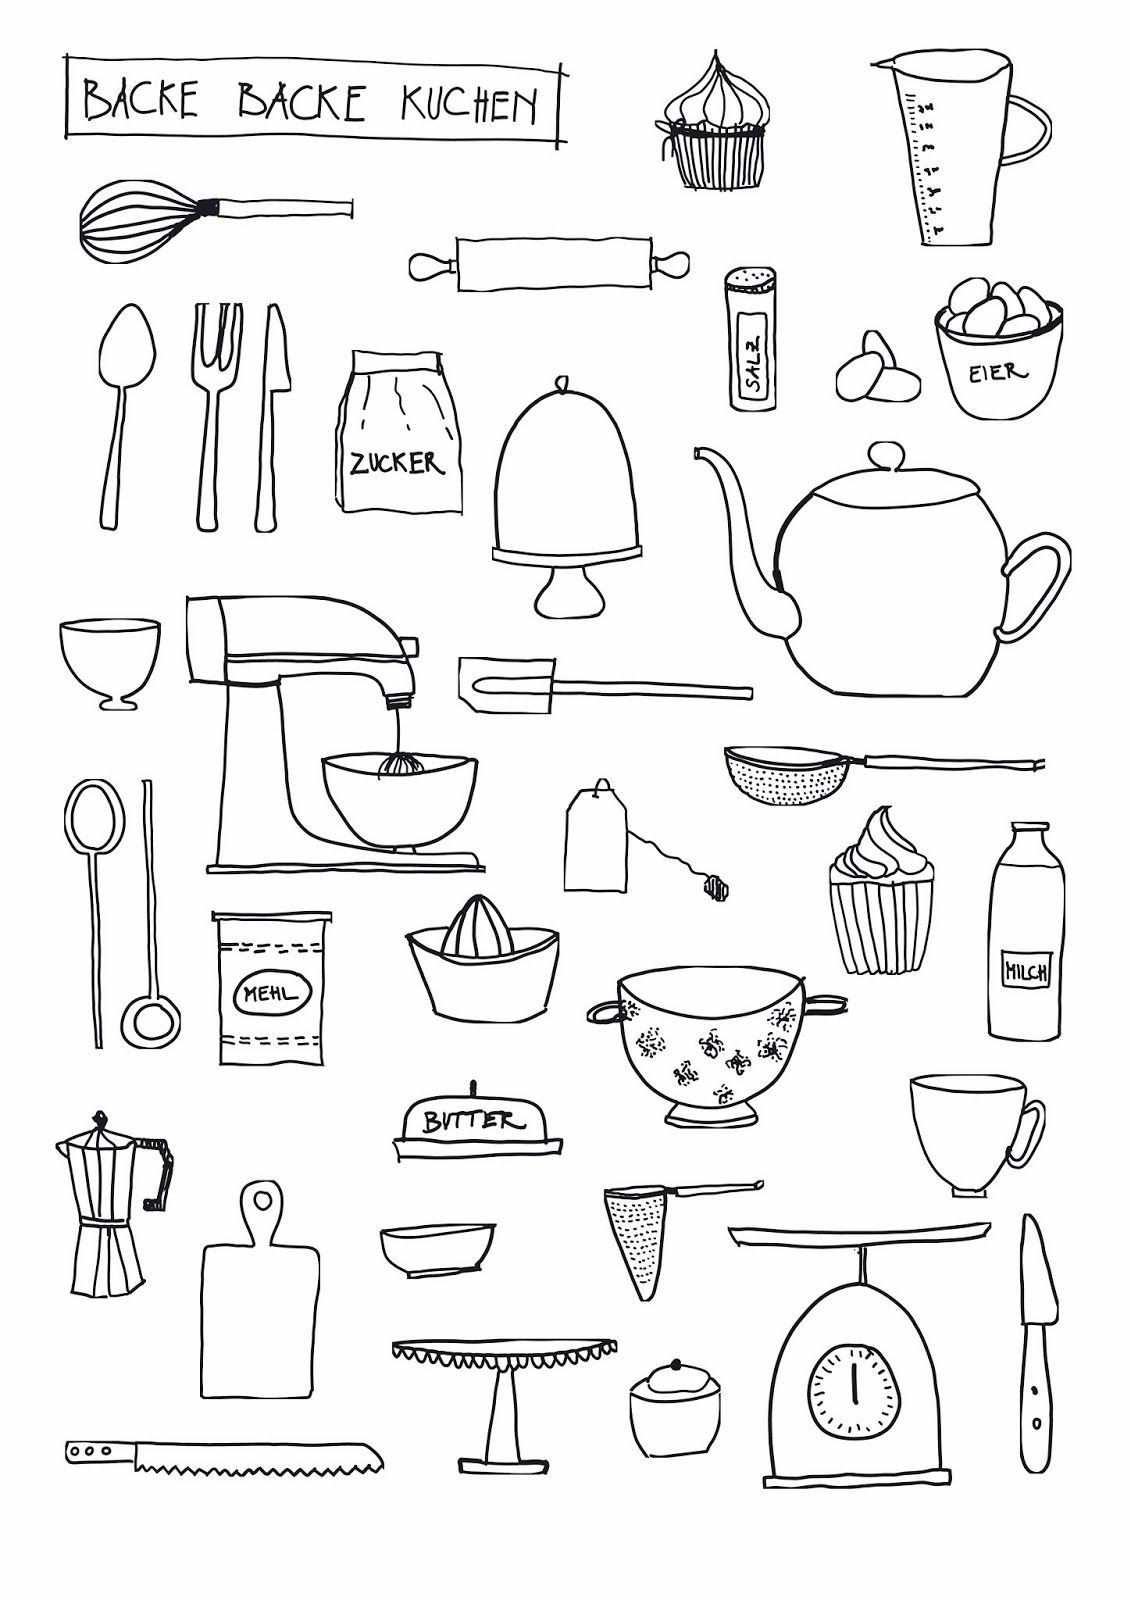 Backe backe Kuchen | Küchenposter selbst gemacht - blick7 #kitchencollection